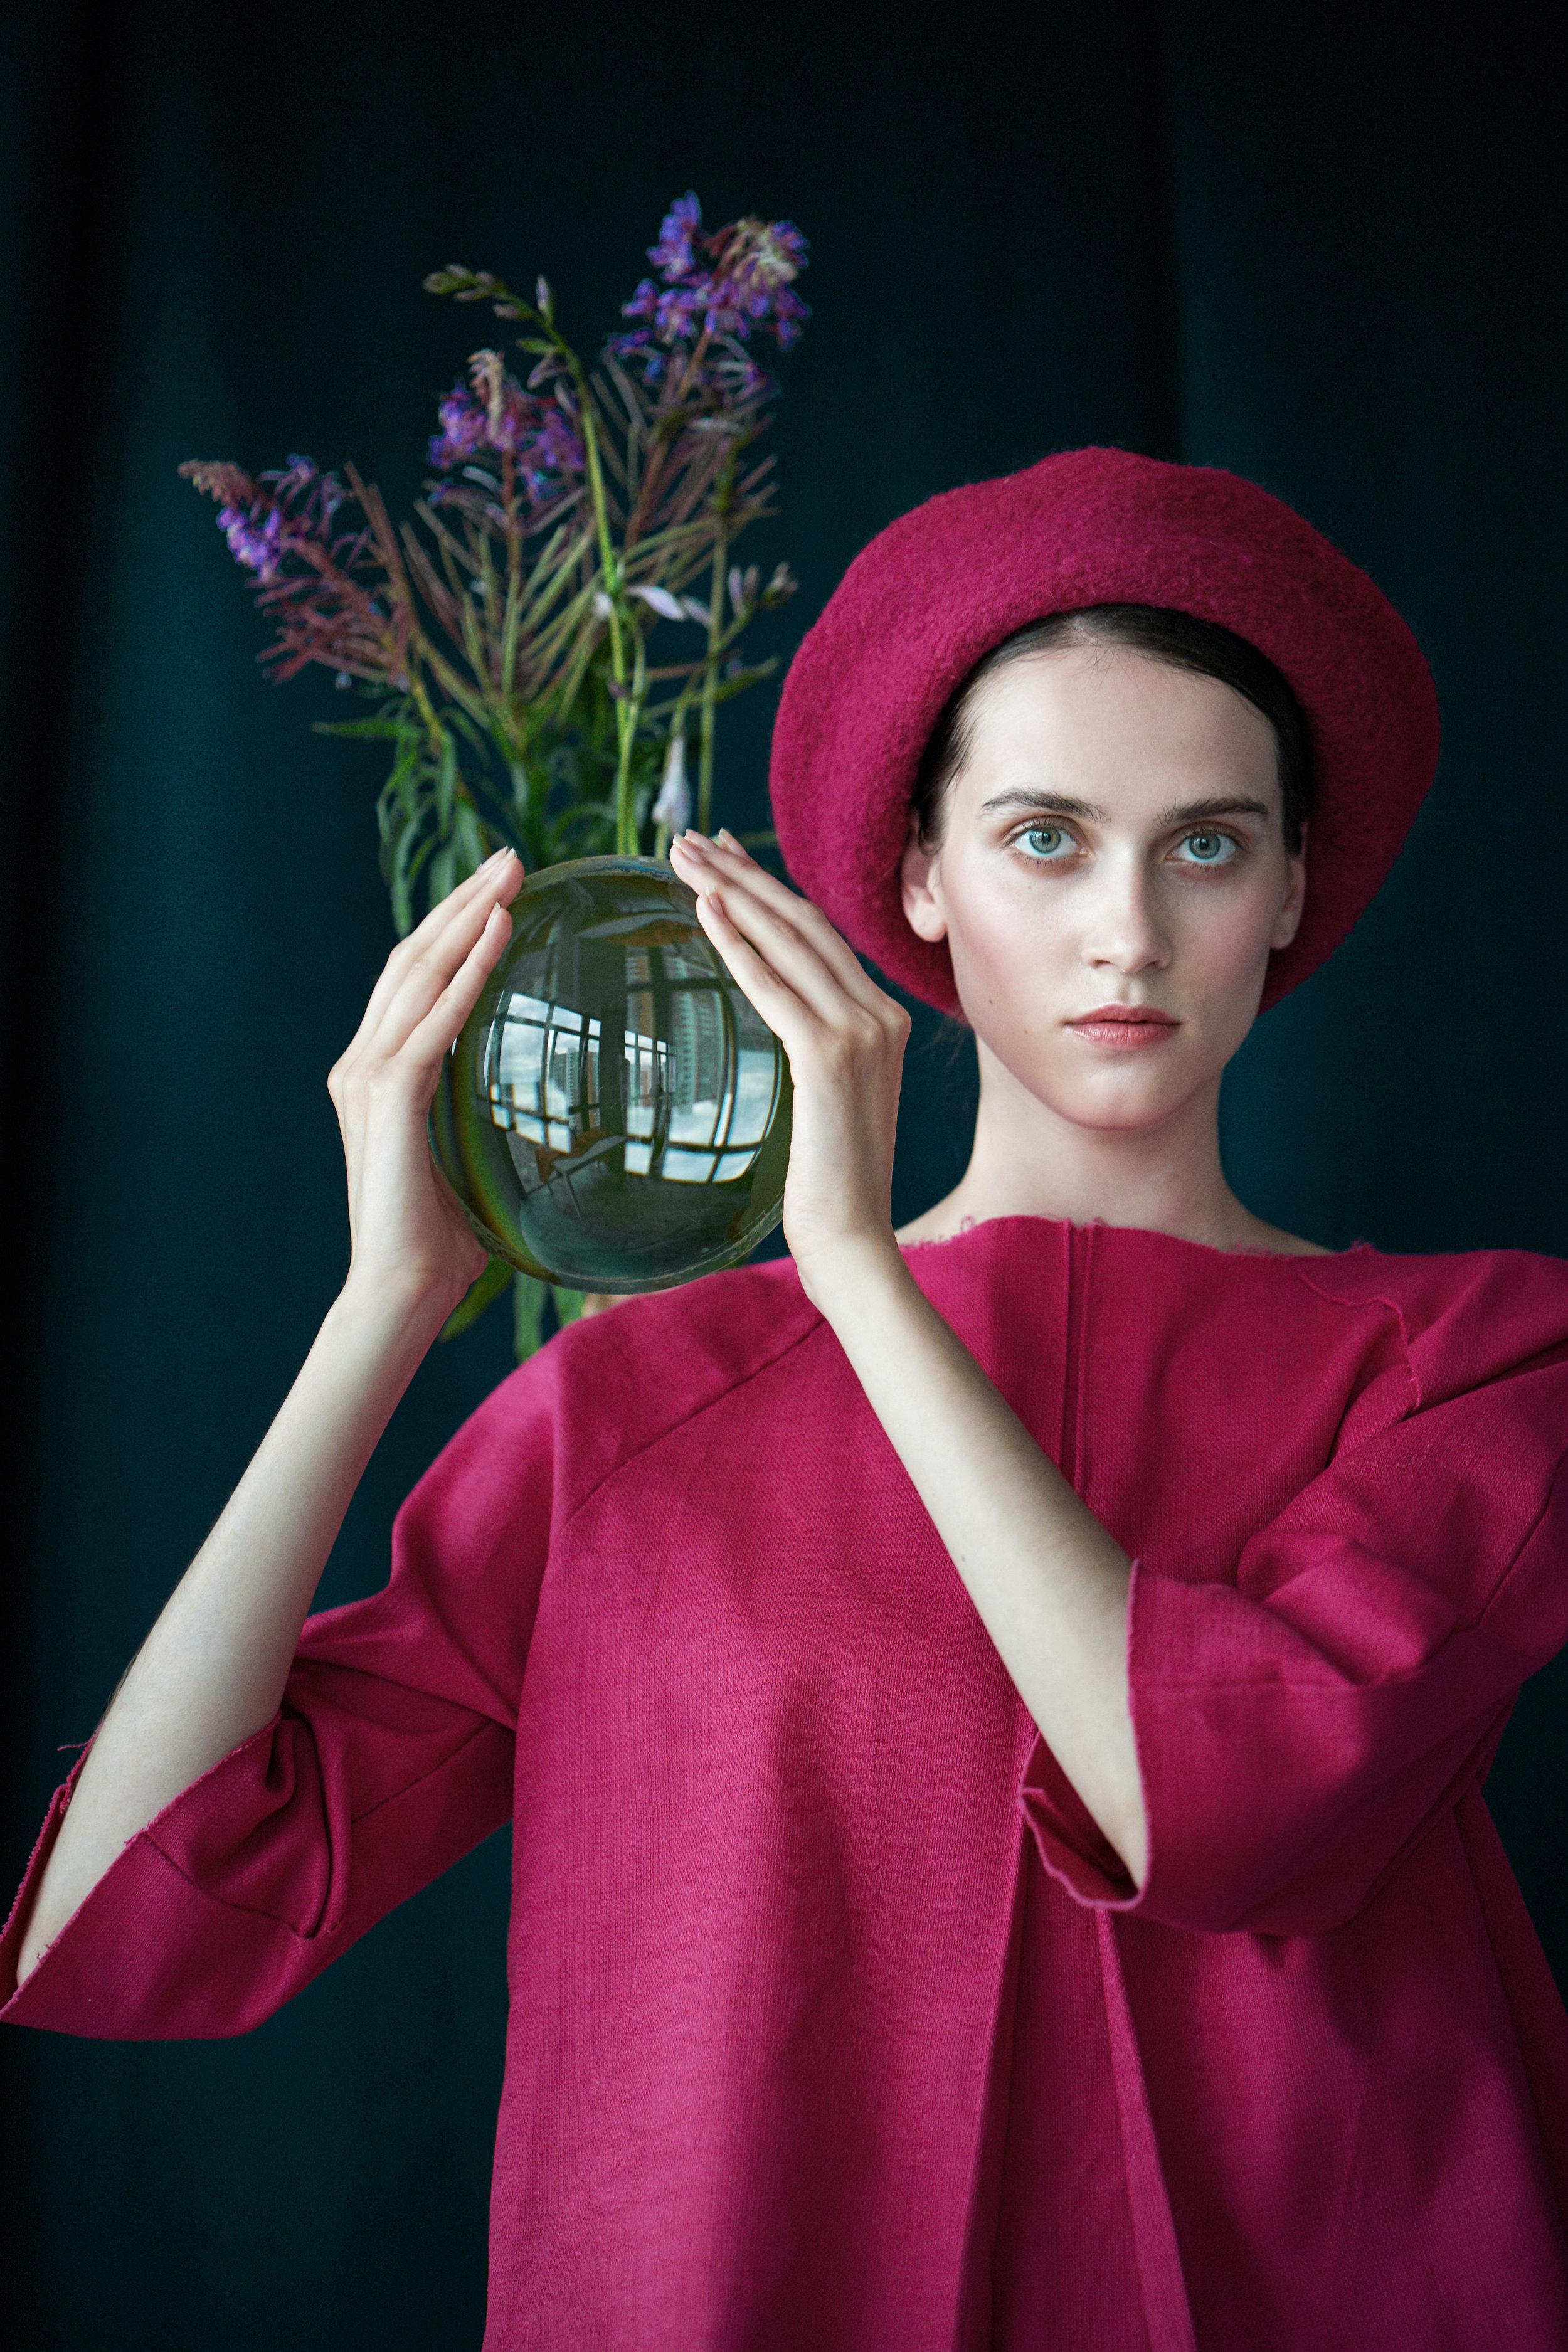 Jacket Kozel @kozel.elena.designer. Beret Kozel @kozel.elena.designer